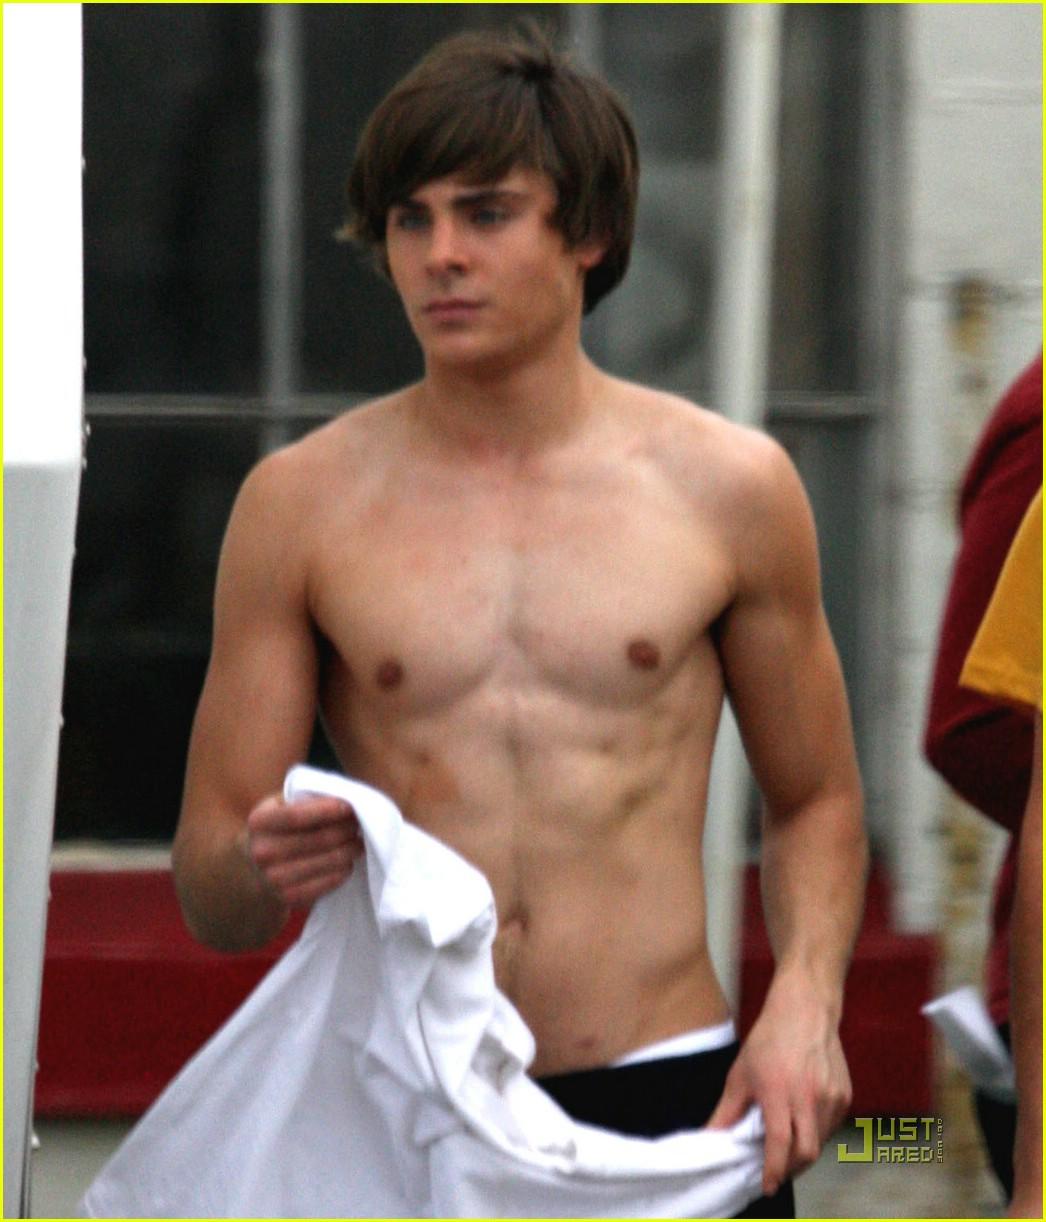 http://1.bp.blogspot.com/_iNSQe8NA9RQ/TCu-B2hAJMI/AAAAAAAAKTY/Uc9Ni4XJiNg/s1600/zac-efron-shirtless.jpg